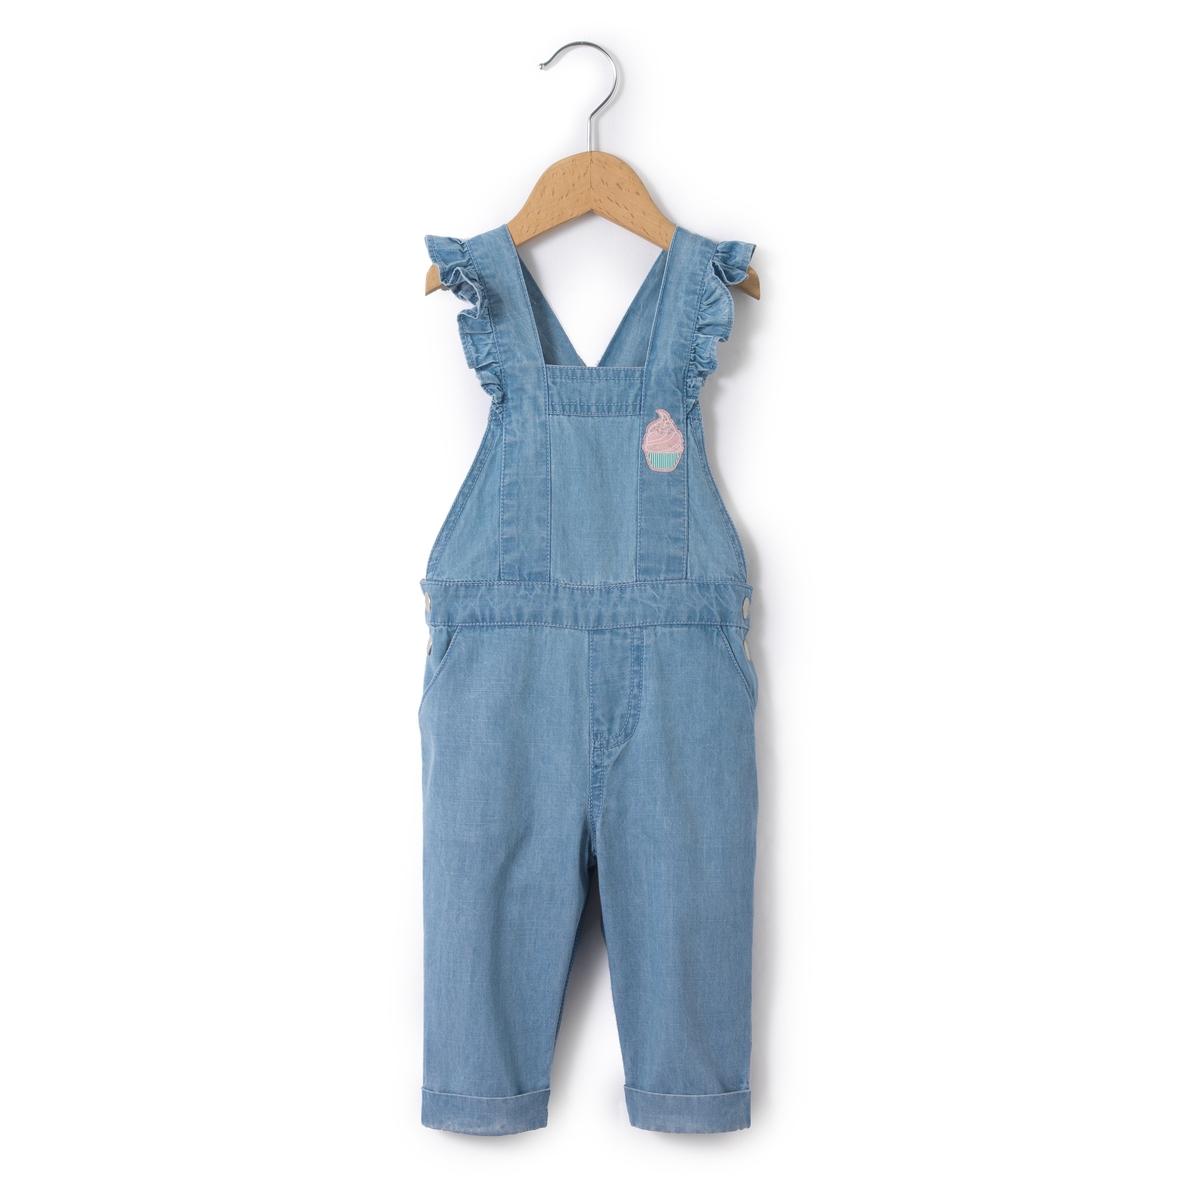 Комбинезон джинсовый легкий  1 мес - 3 лет